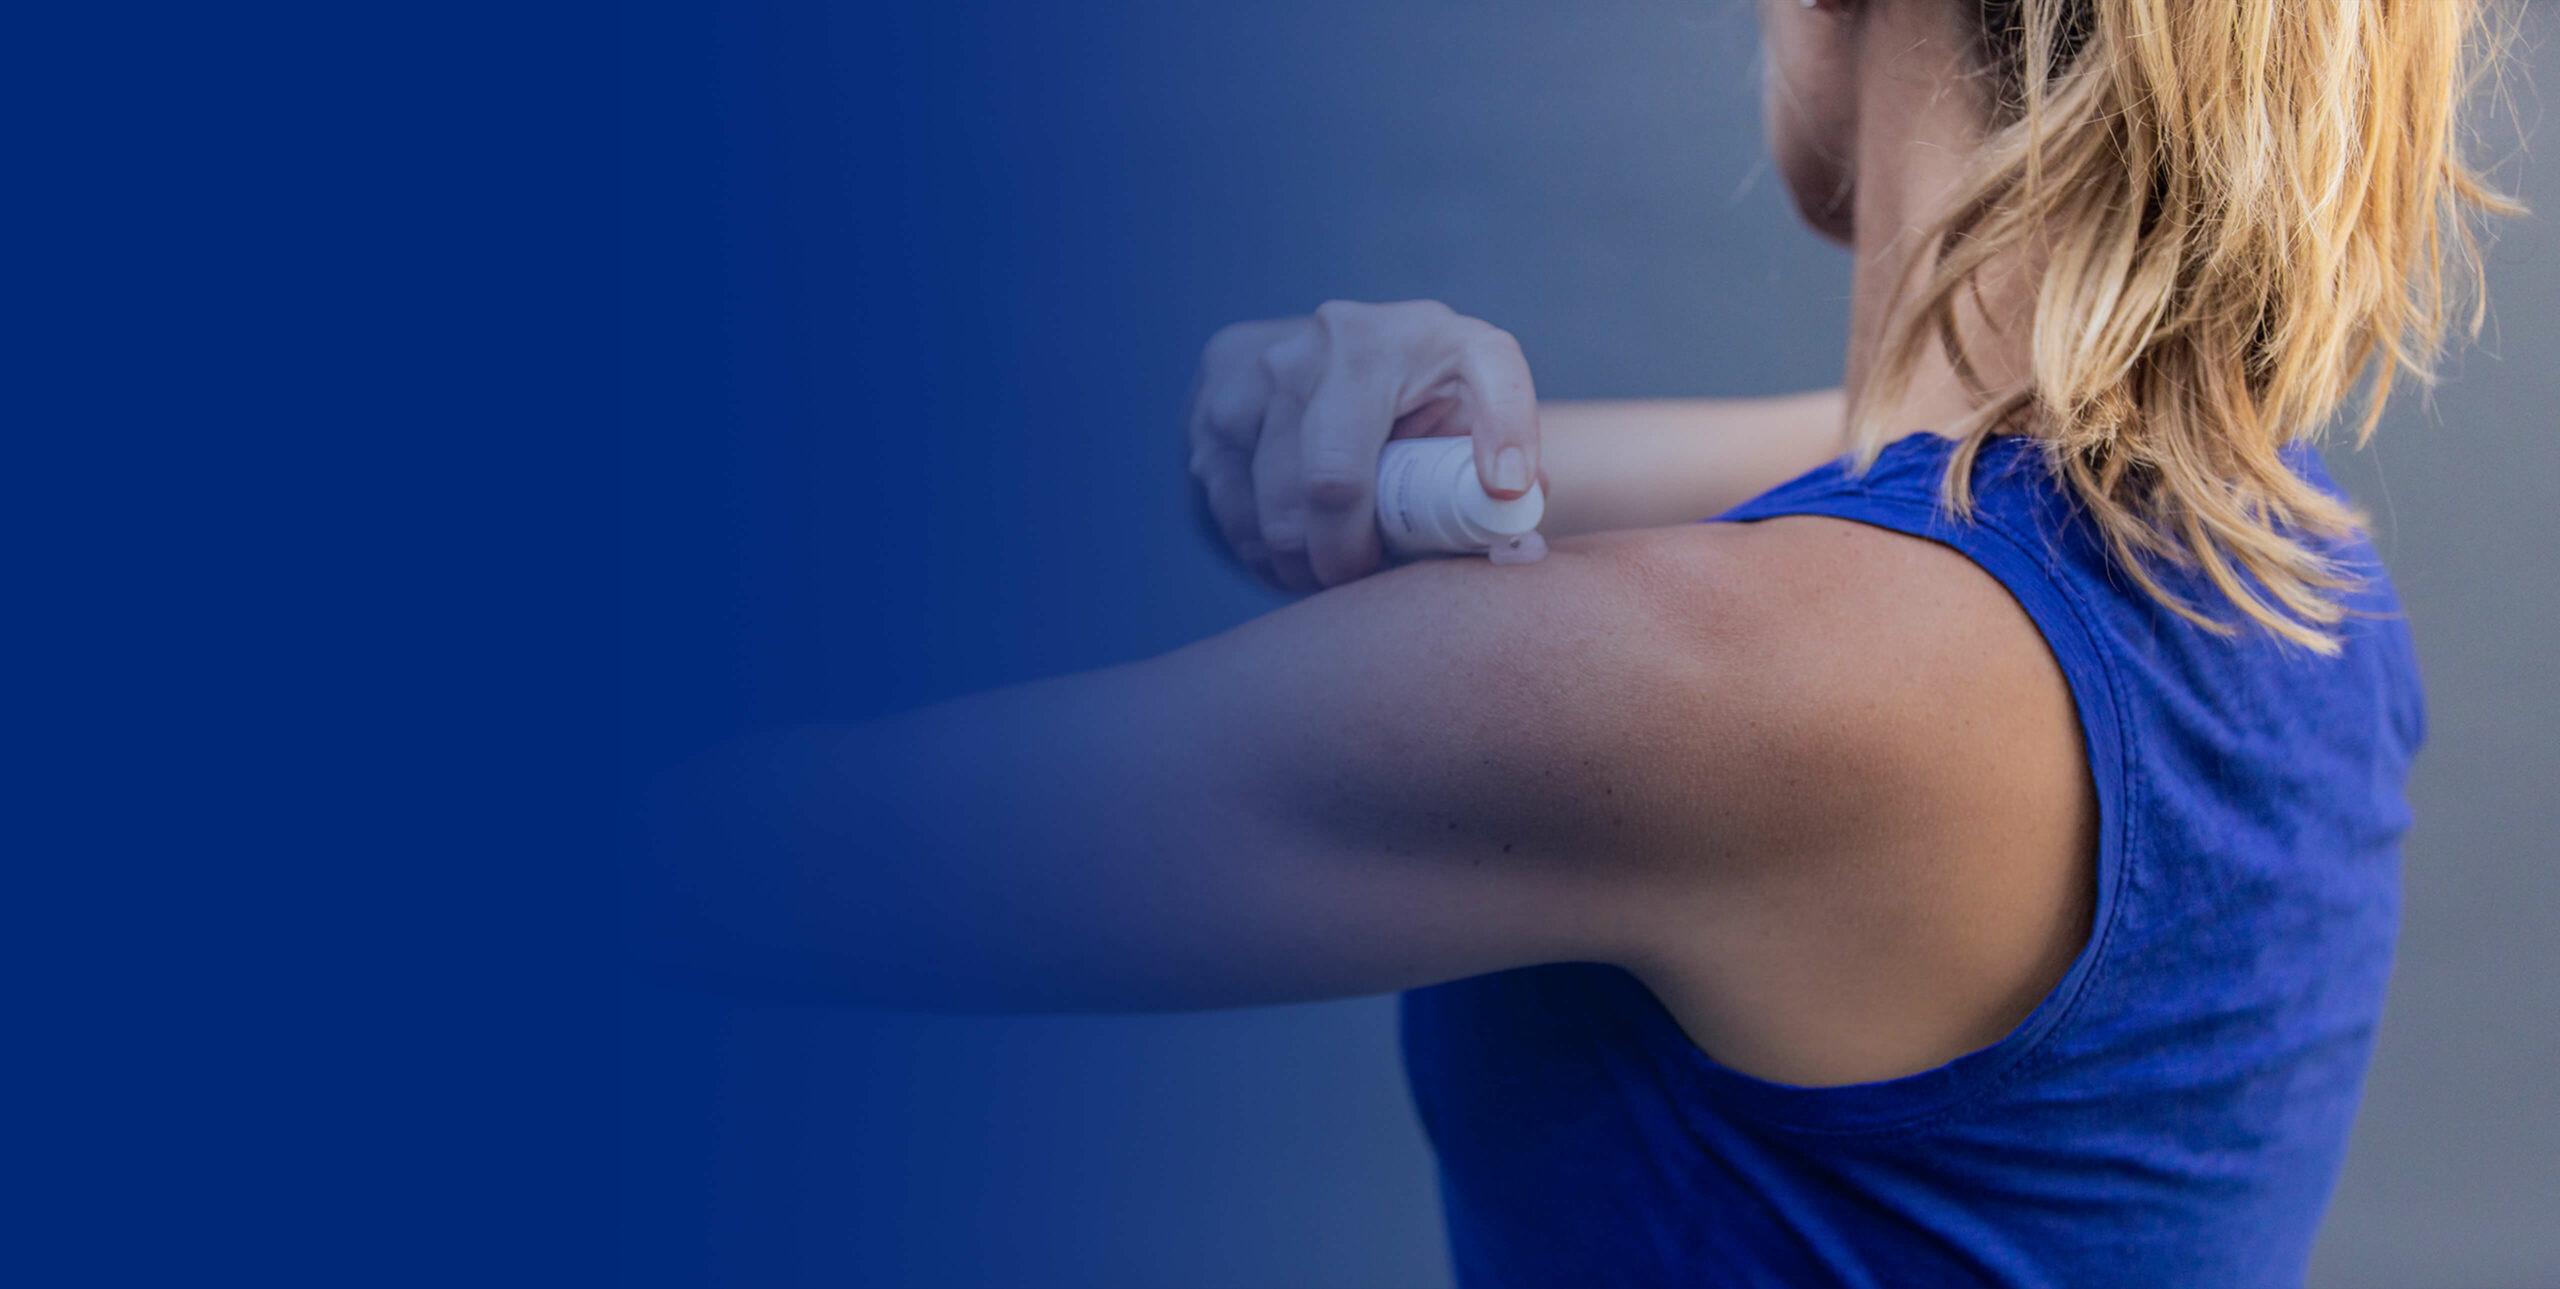 Athlete applying Phytozol on shoulder